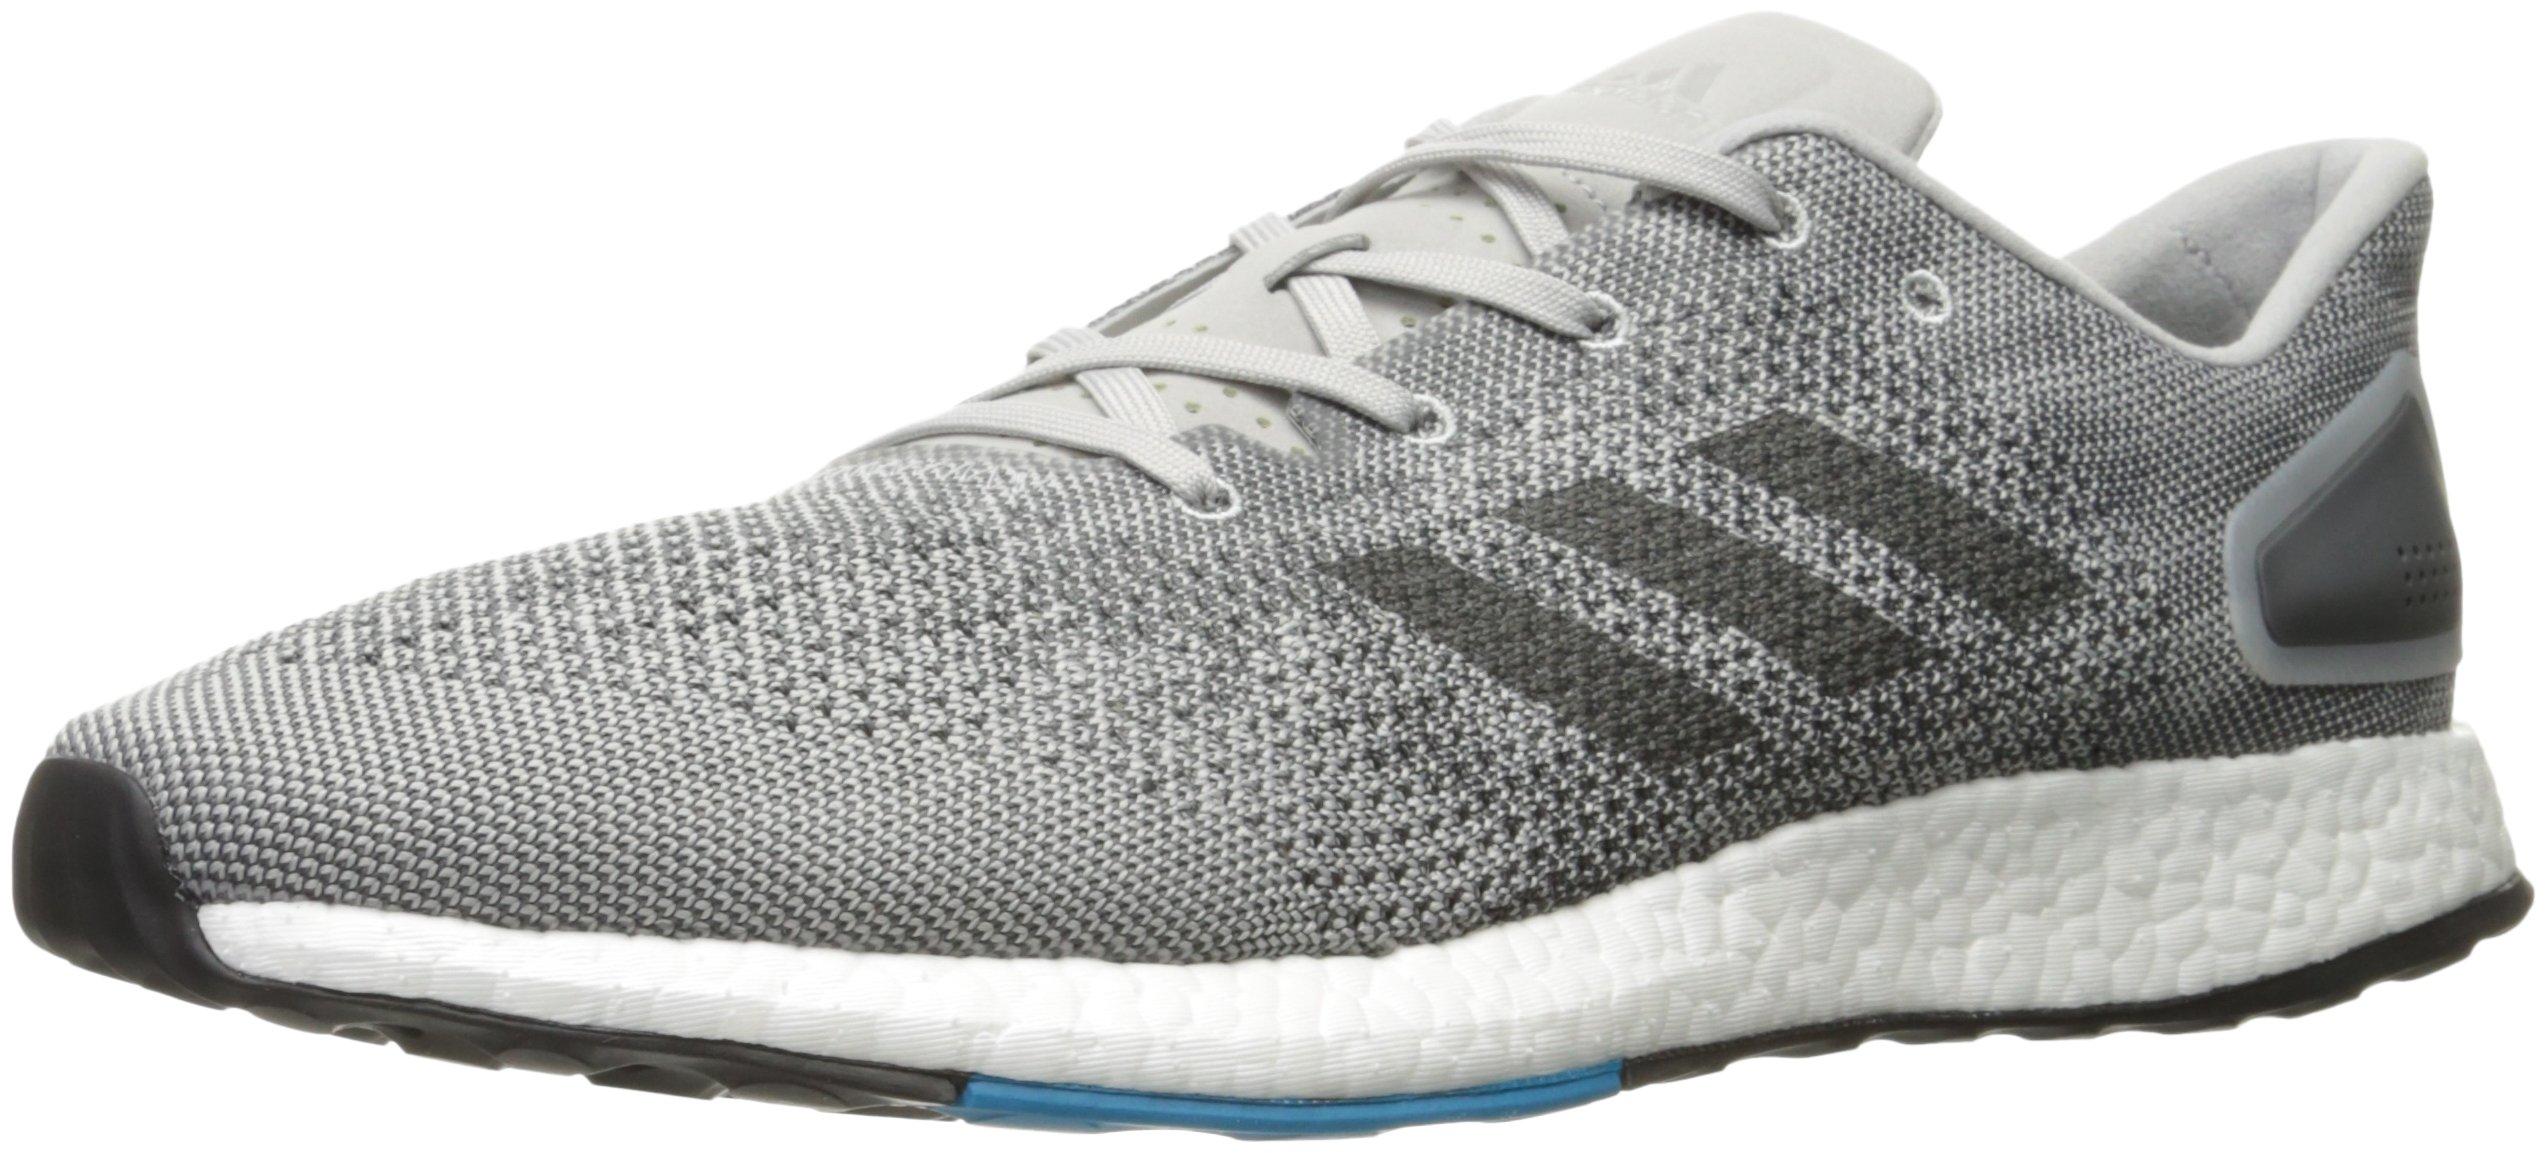 ec1d0e69b Galleon - Adidas Men s Pureboost DPR Running Shoe